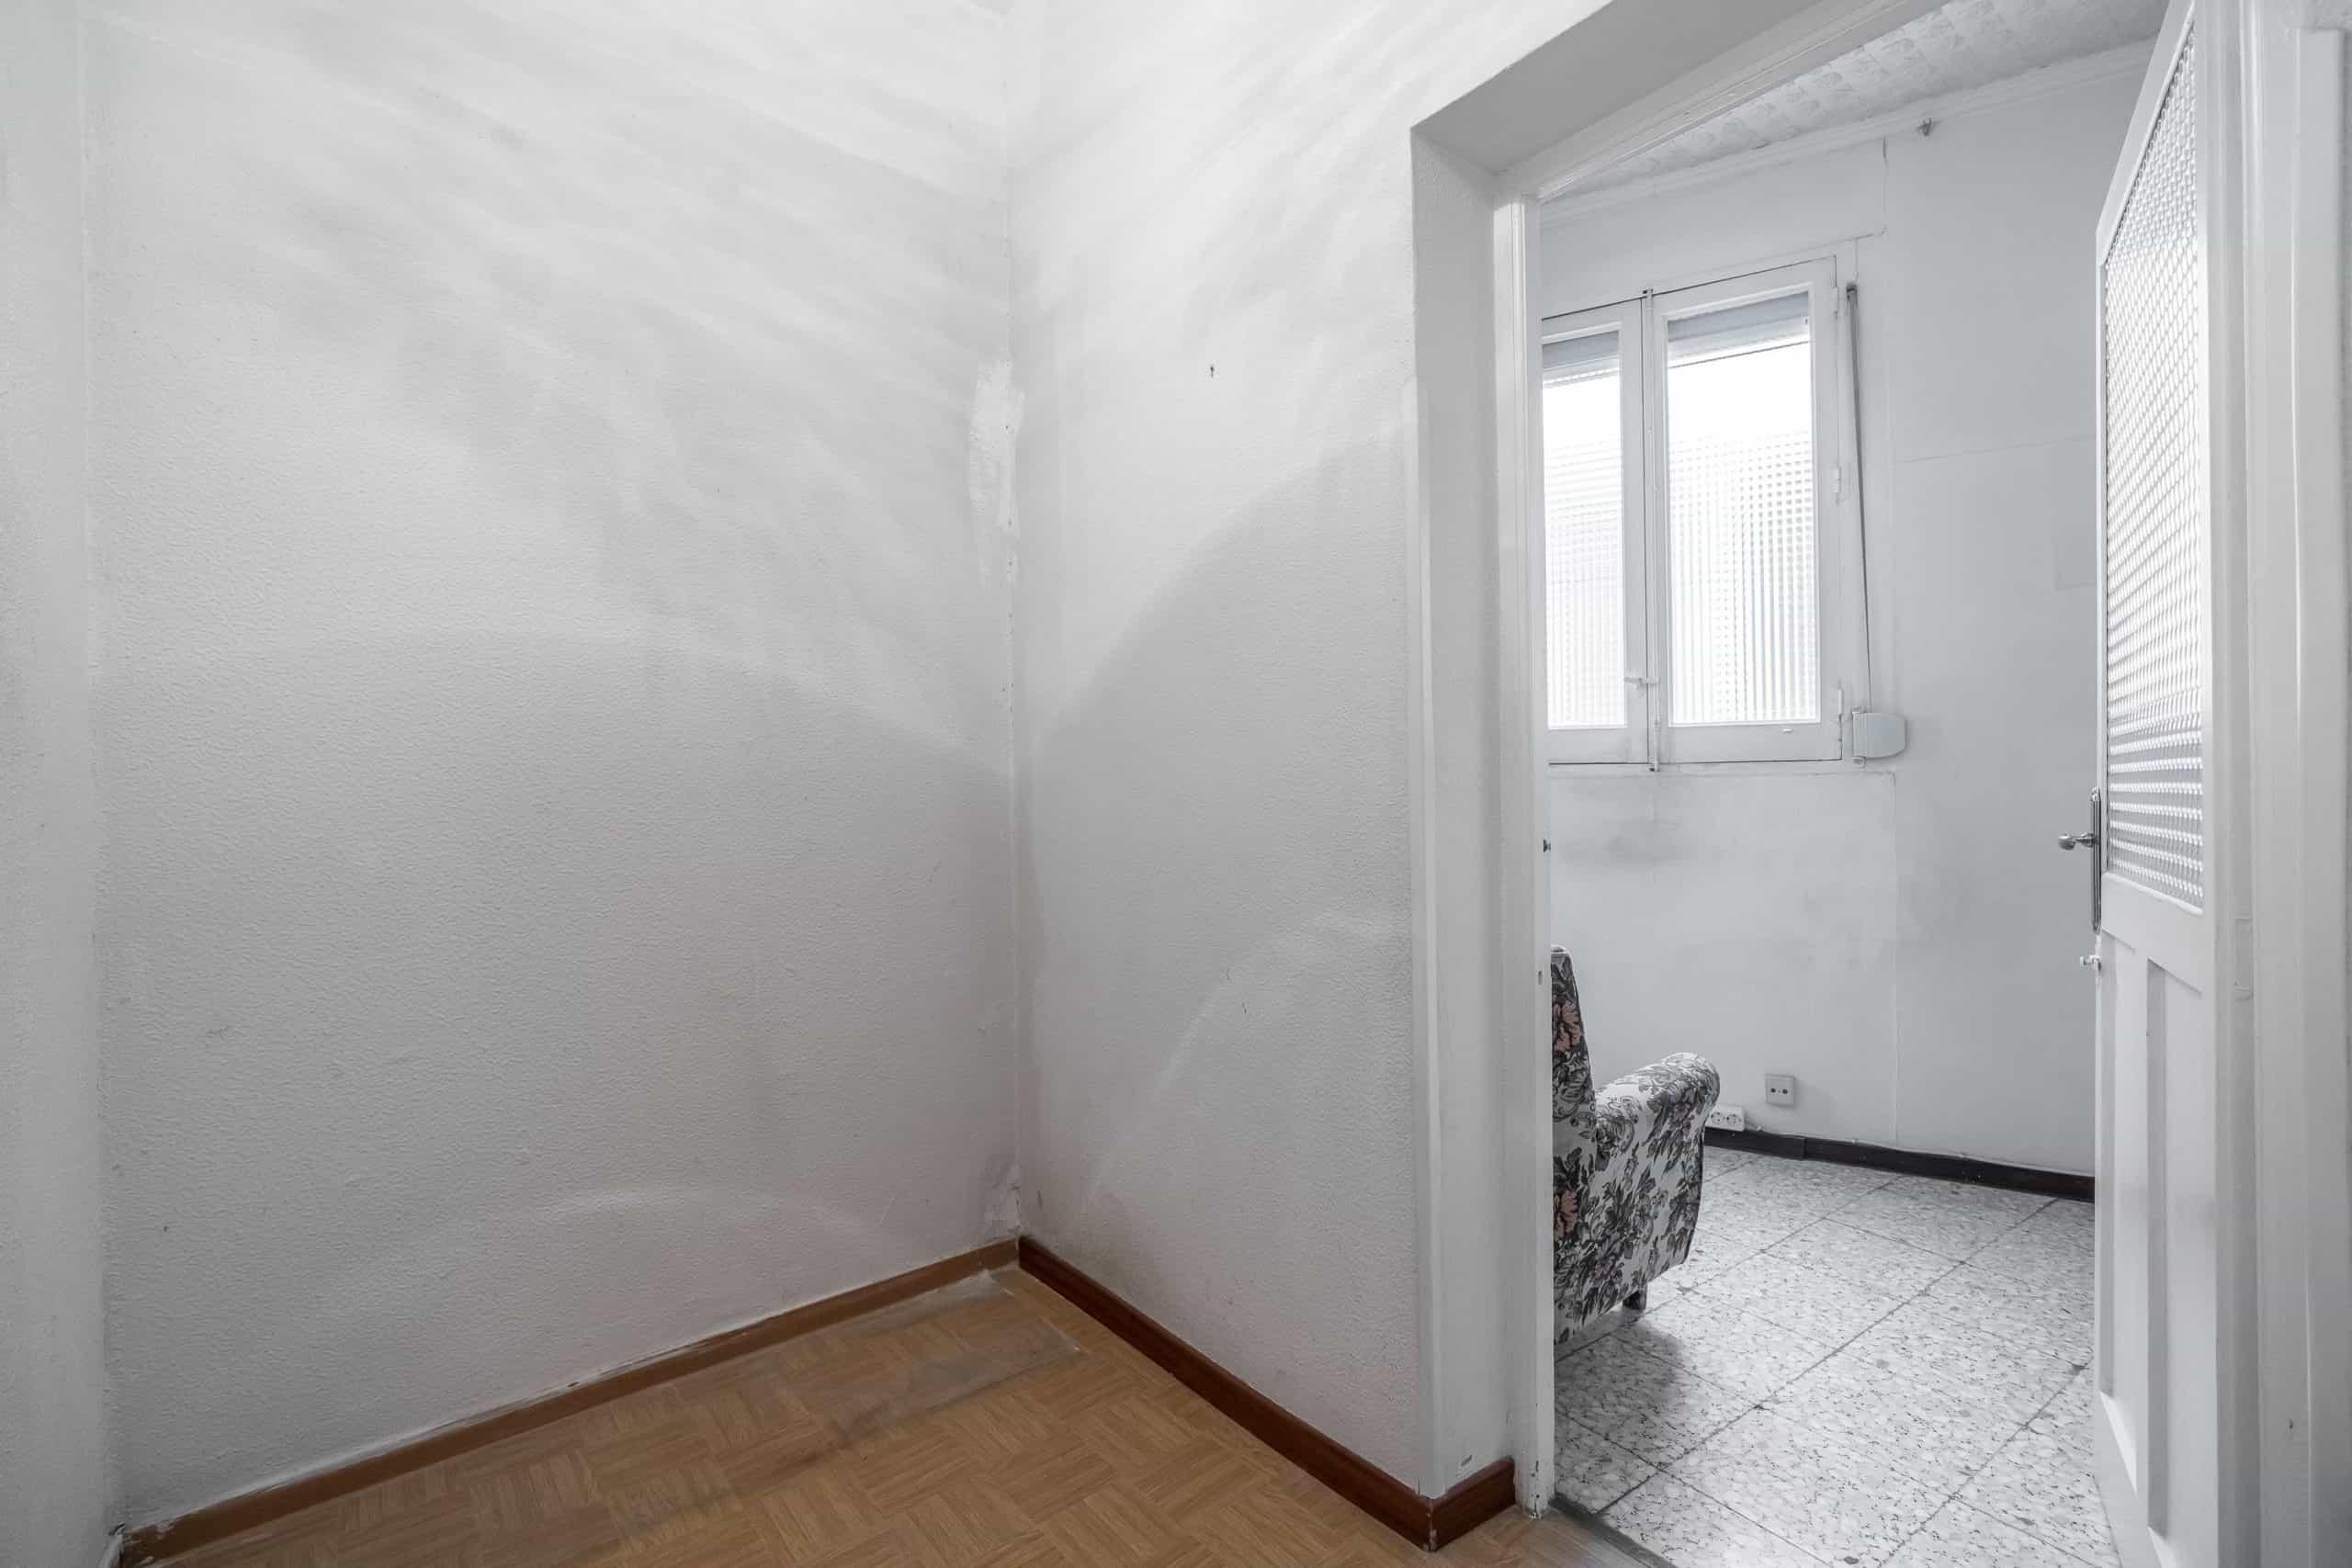 Agencia Inmobiliaria de Madrid-FUTUROCASA-Zona ARGANZUELA-EMBAJADORES-LEGAZPI -plaza General Vara del Rey- dormitorio 1.jpg (2)